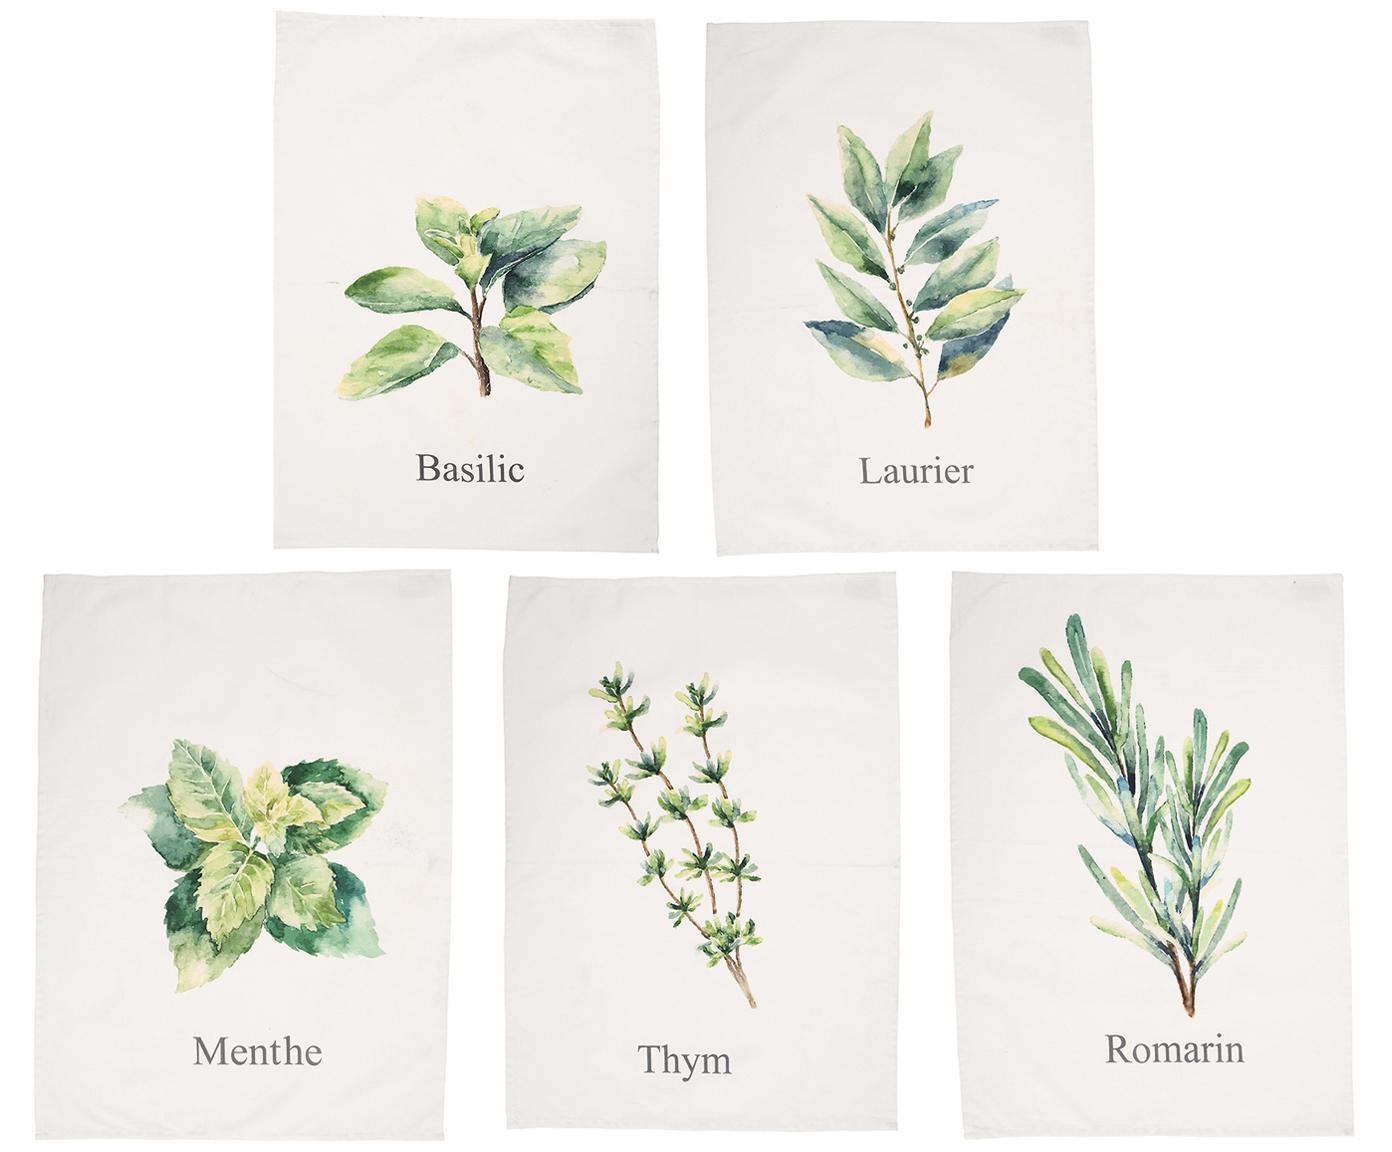 Geschirrtücher-Set Aroma mit Gewürz-Motiven, 5-tlg., Baumwolle, Gebrochenes Weiß, Grüntöne, 50 x 70 cm